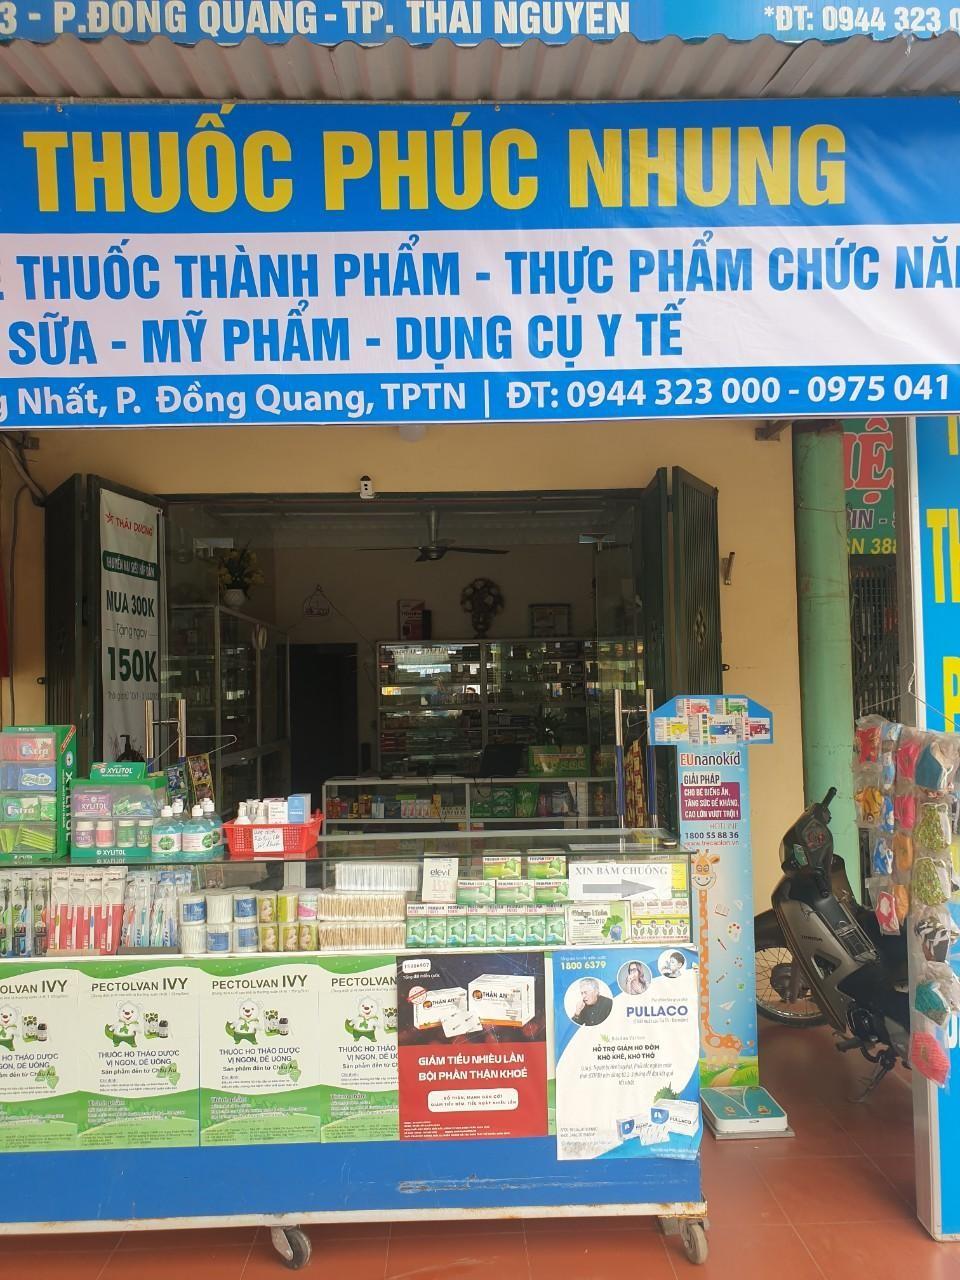 Nt Phuc Nhung